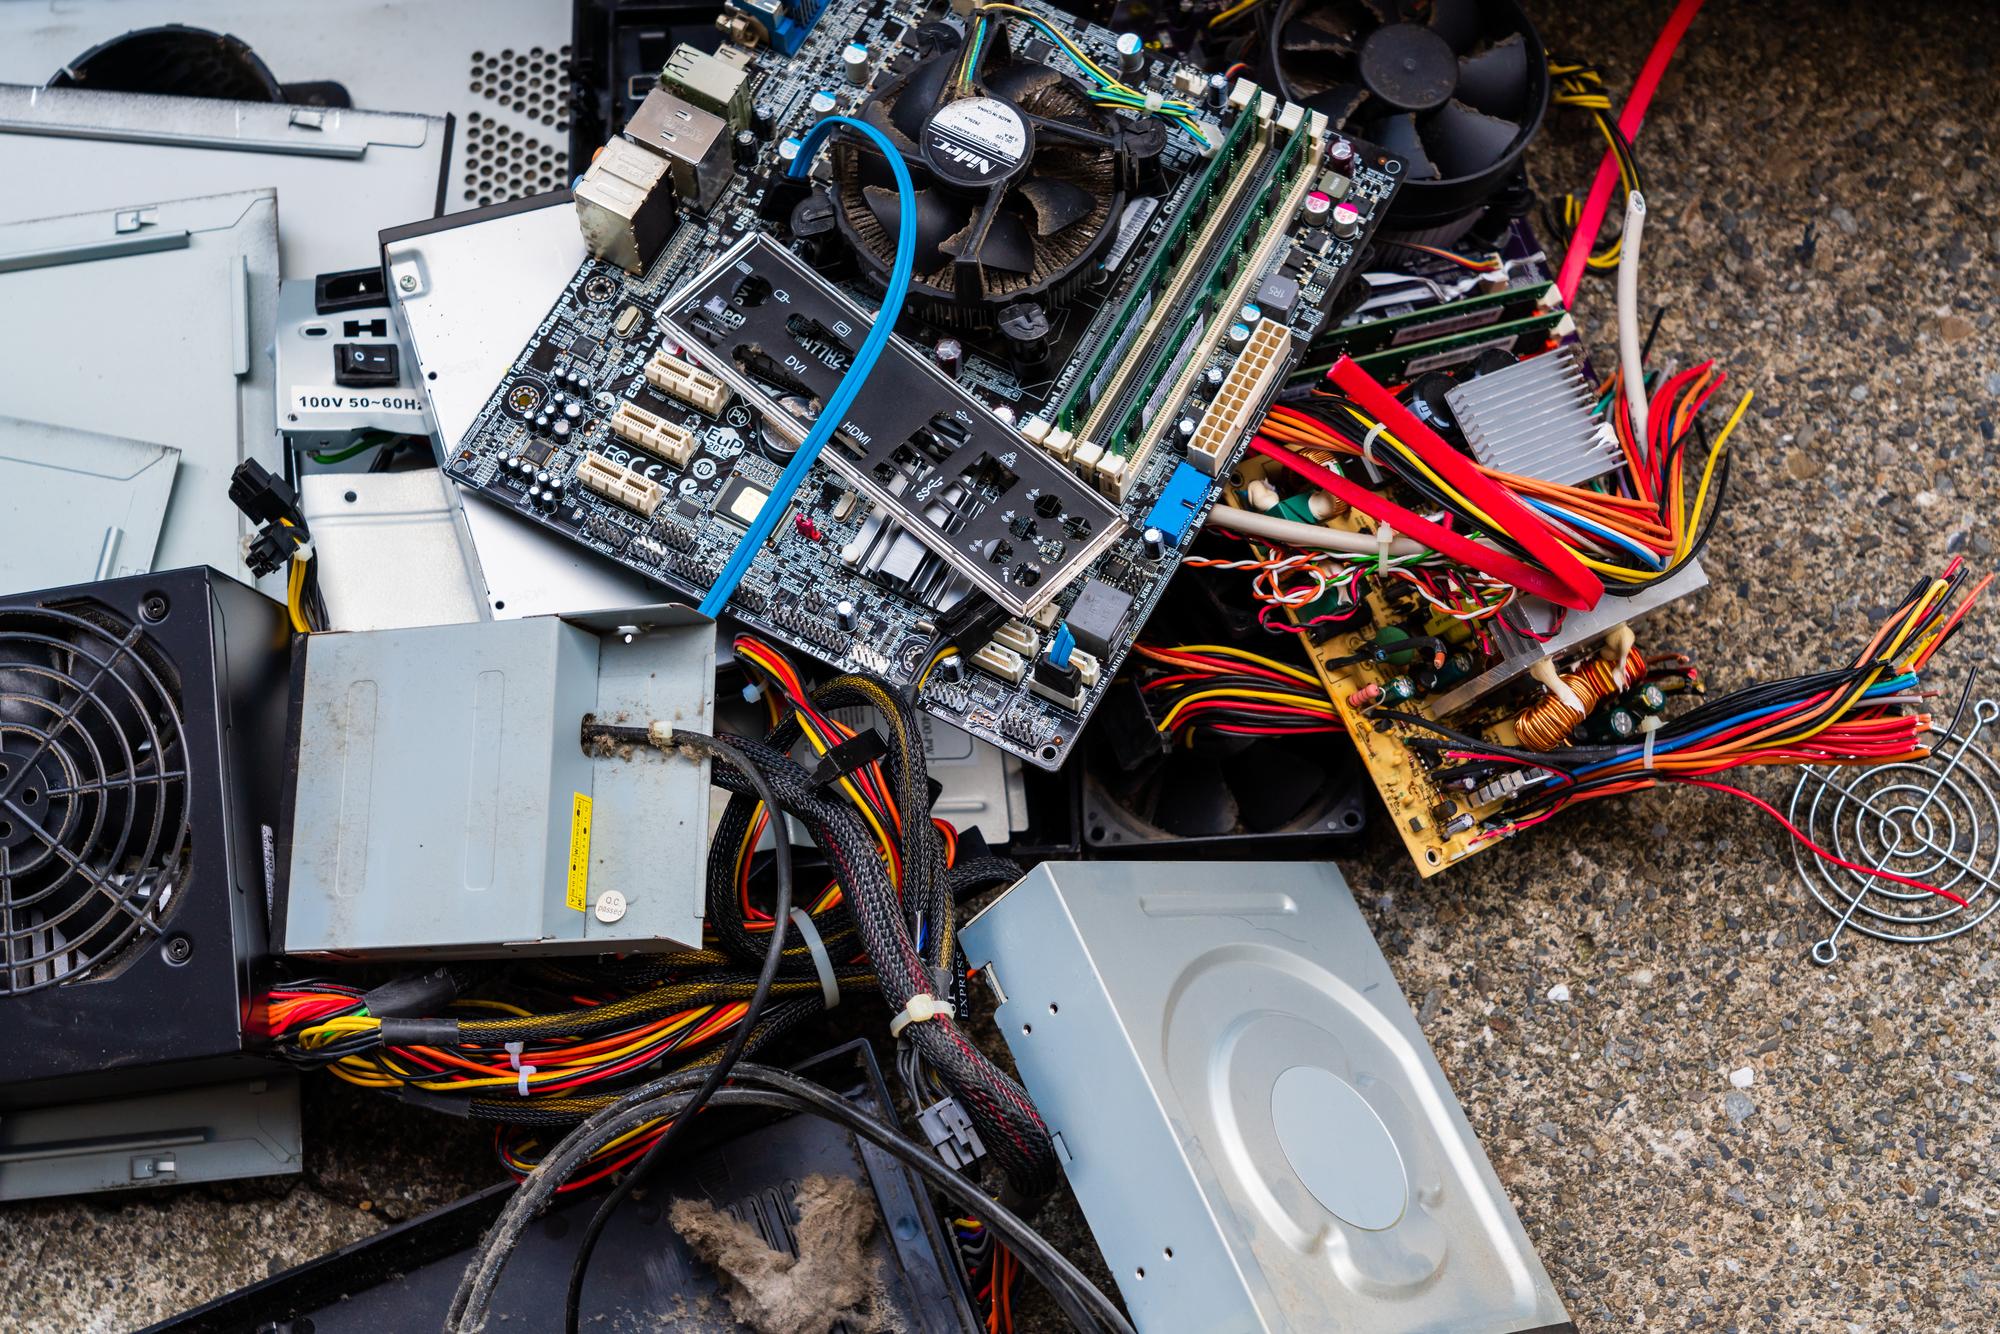 パソコンやメディアを廃棄する際は情報漏洩に要注意!正しい廃棄方法をご紹介!